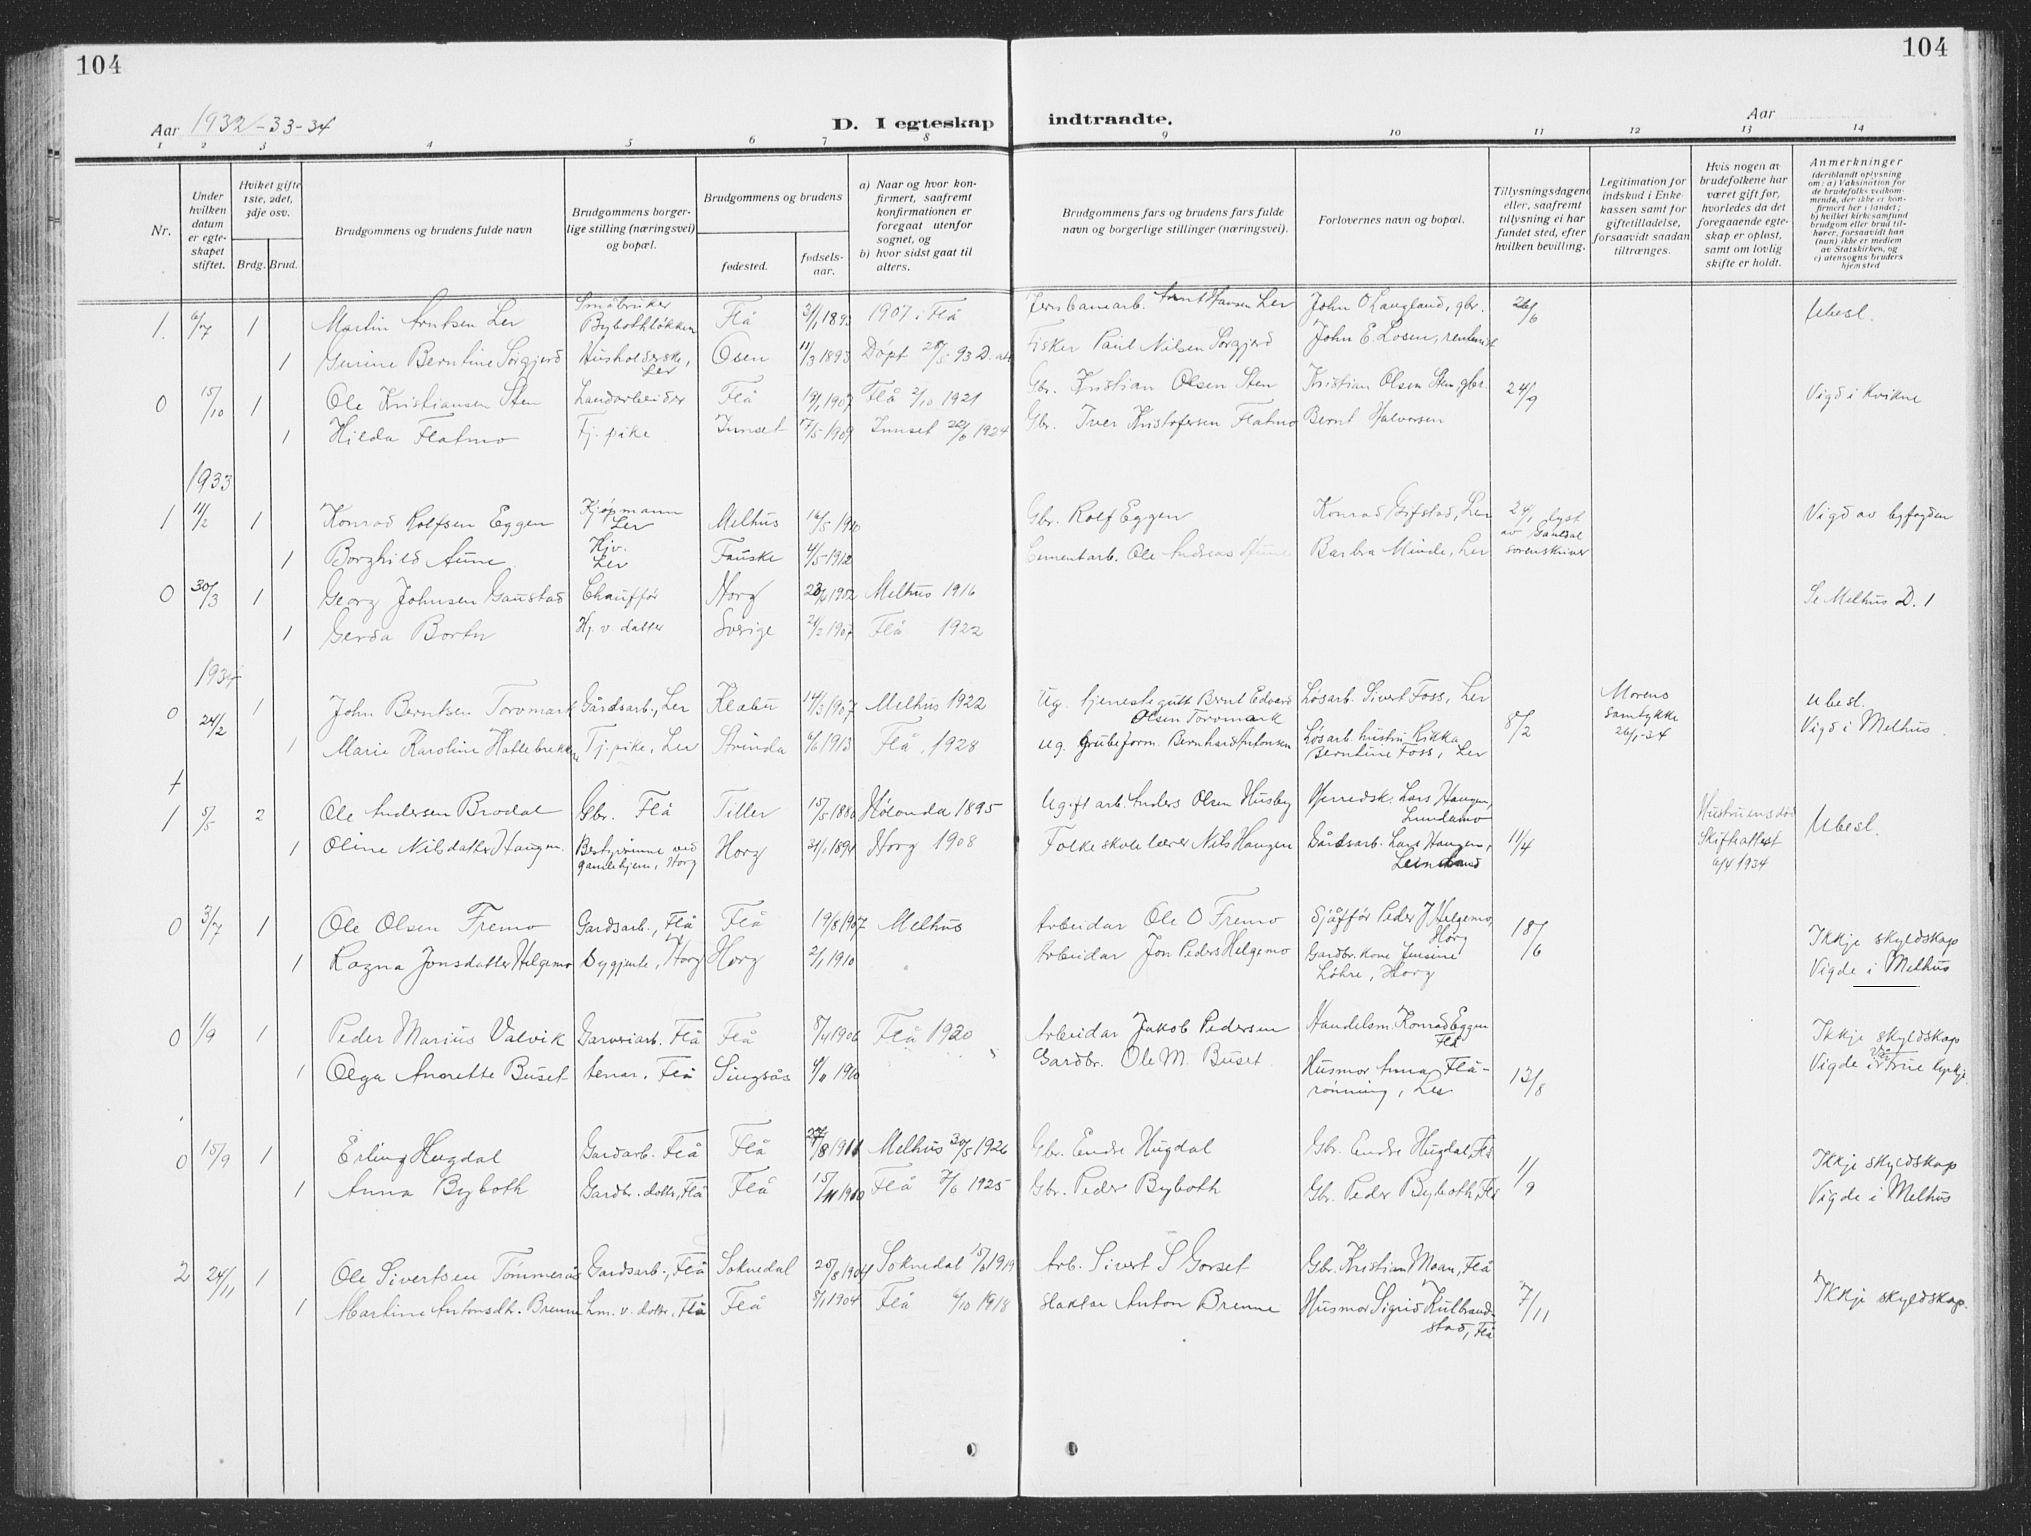 SAT, Ministerialprotokoller, klokkerbøker og fødselsregistre - Sør-Trøndelag, 693/L1124: Klokkerbok nr. 693C05, 1911-1941, s. 104